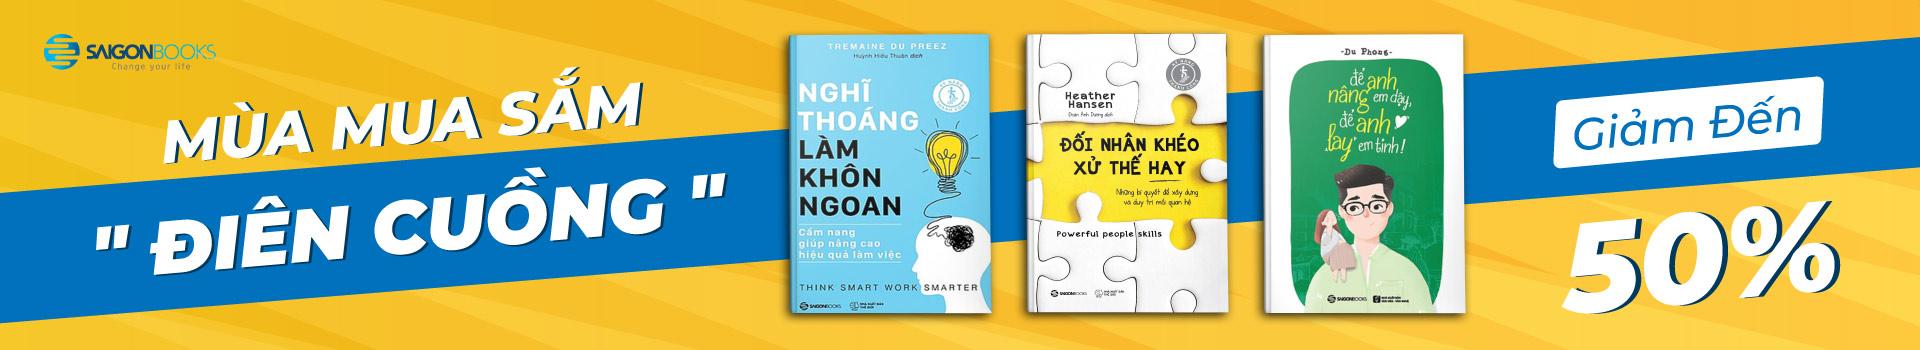 Chương trình cùng NCC Saigonbooks